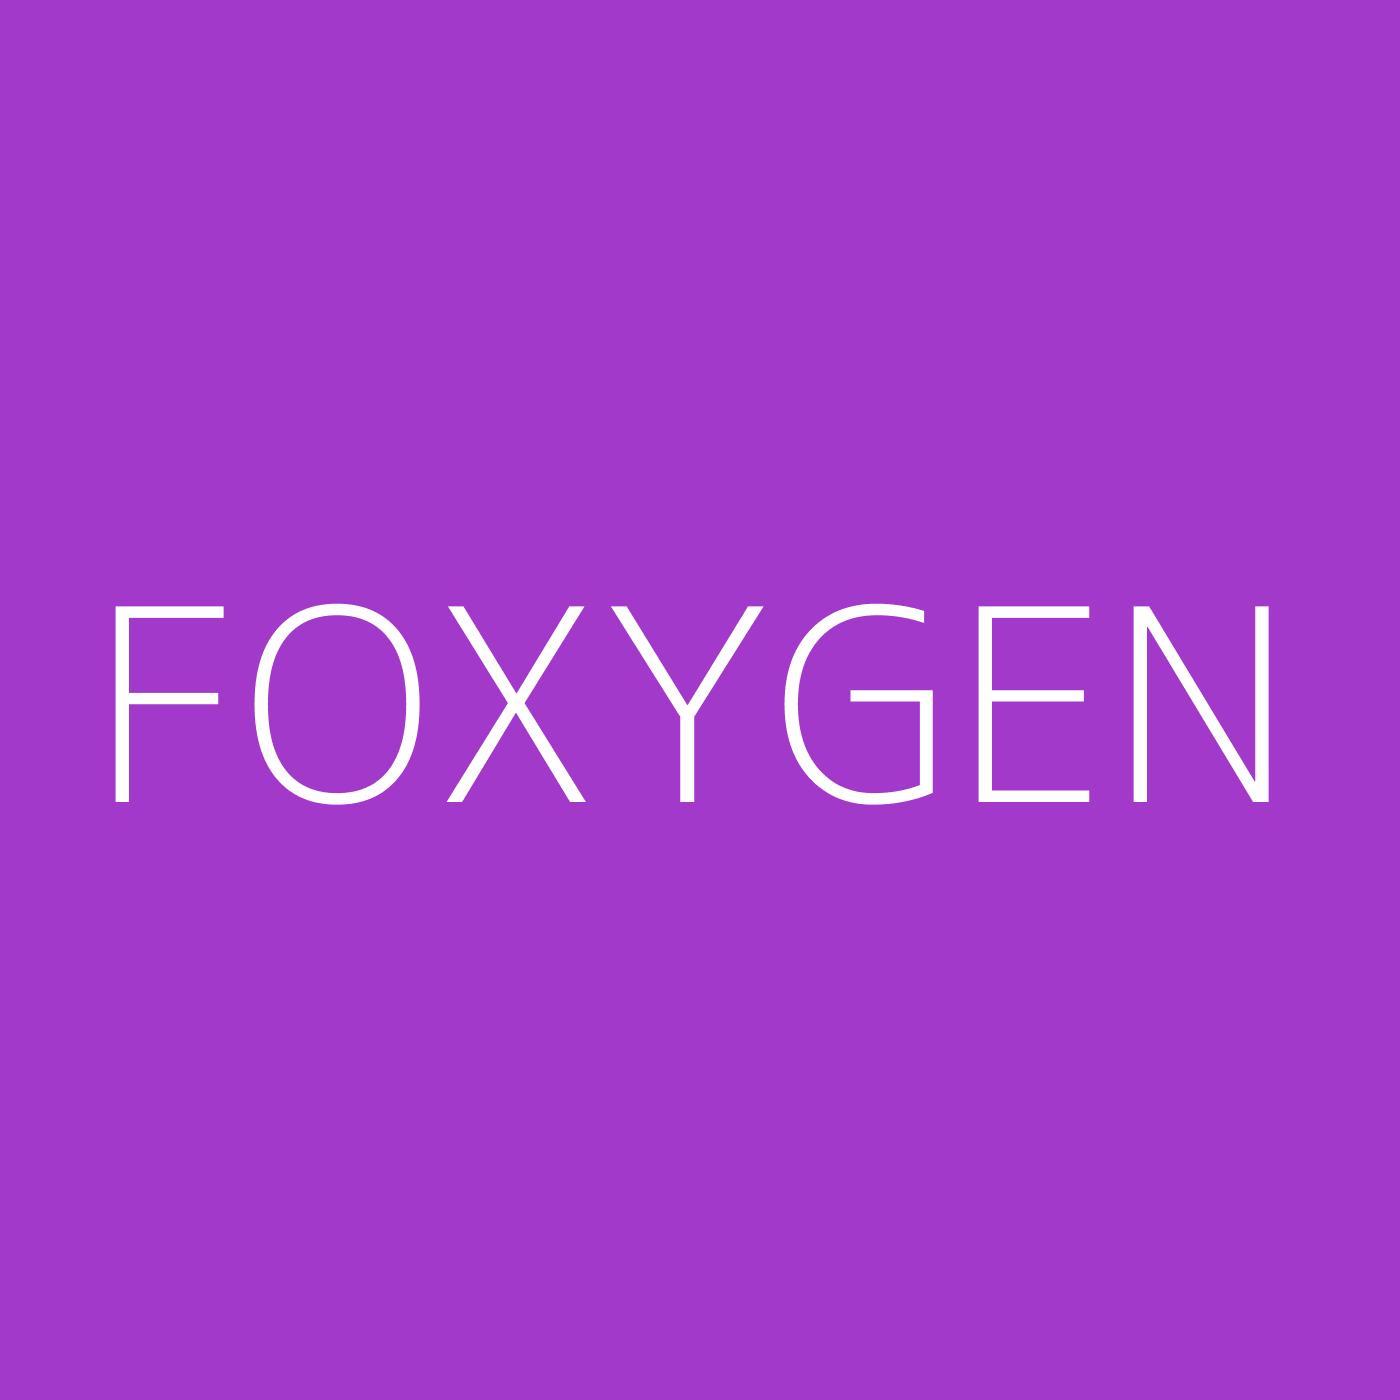 Foxygen Playlist Artwork